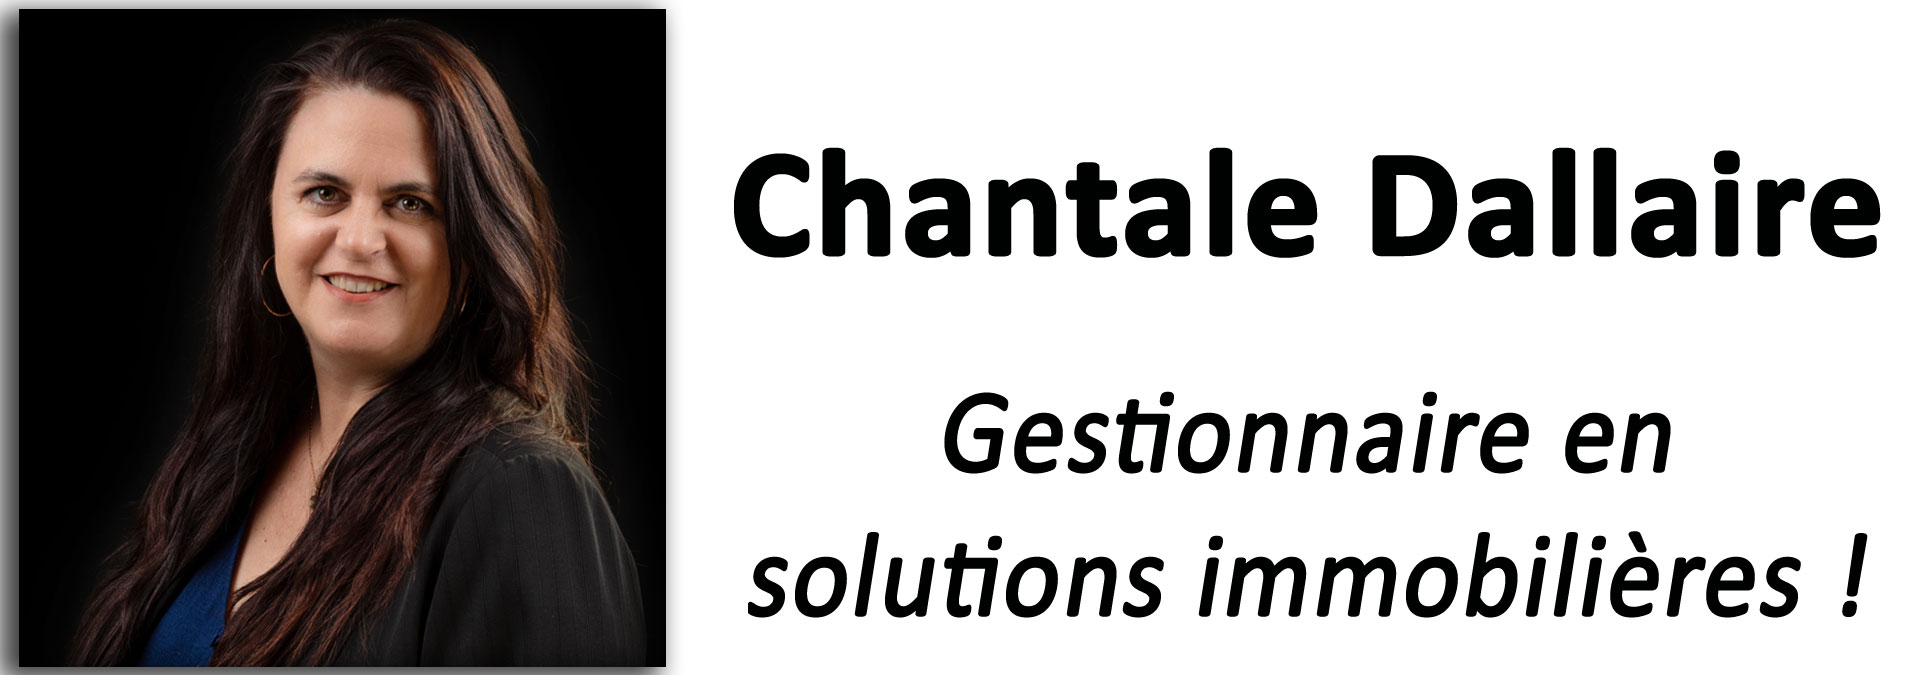 Chantale Dallaire